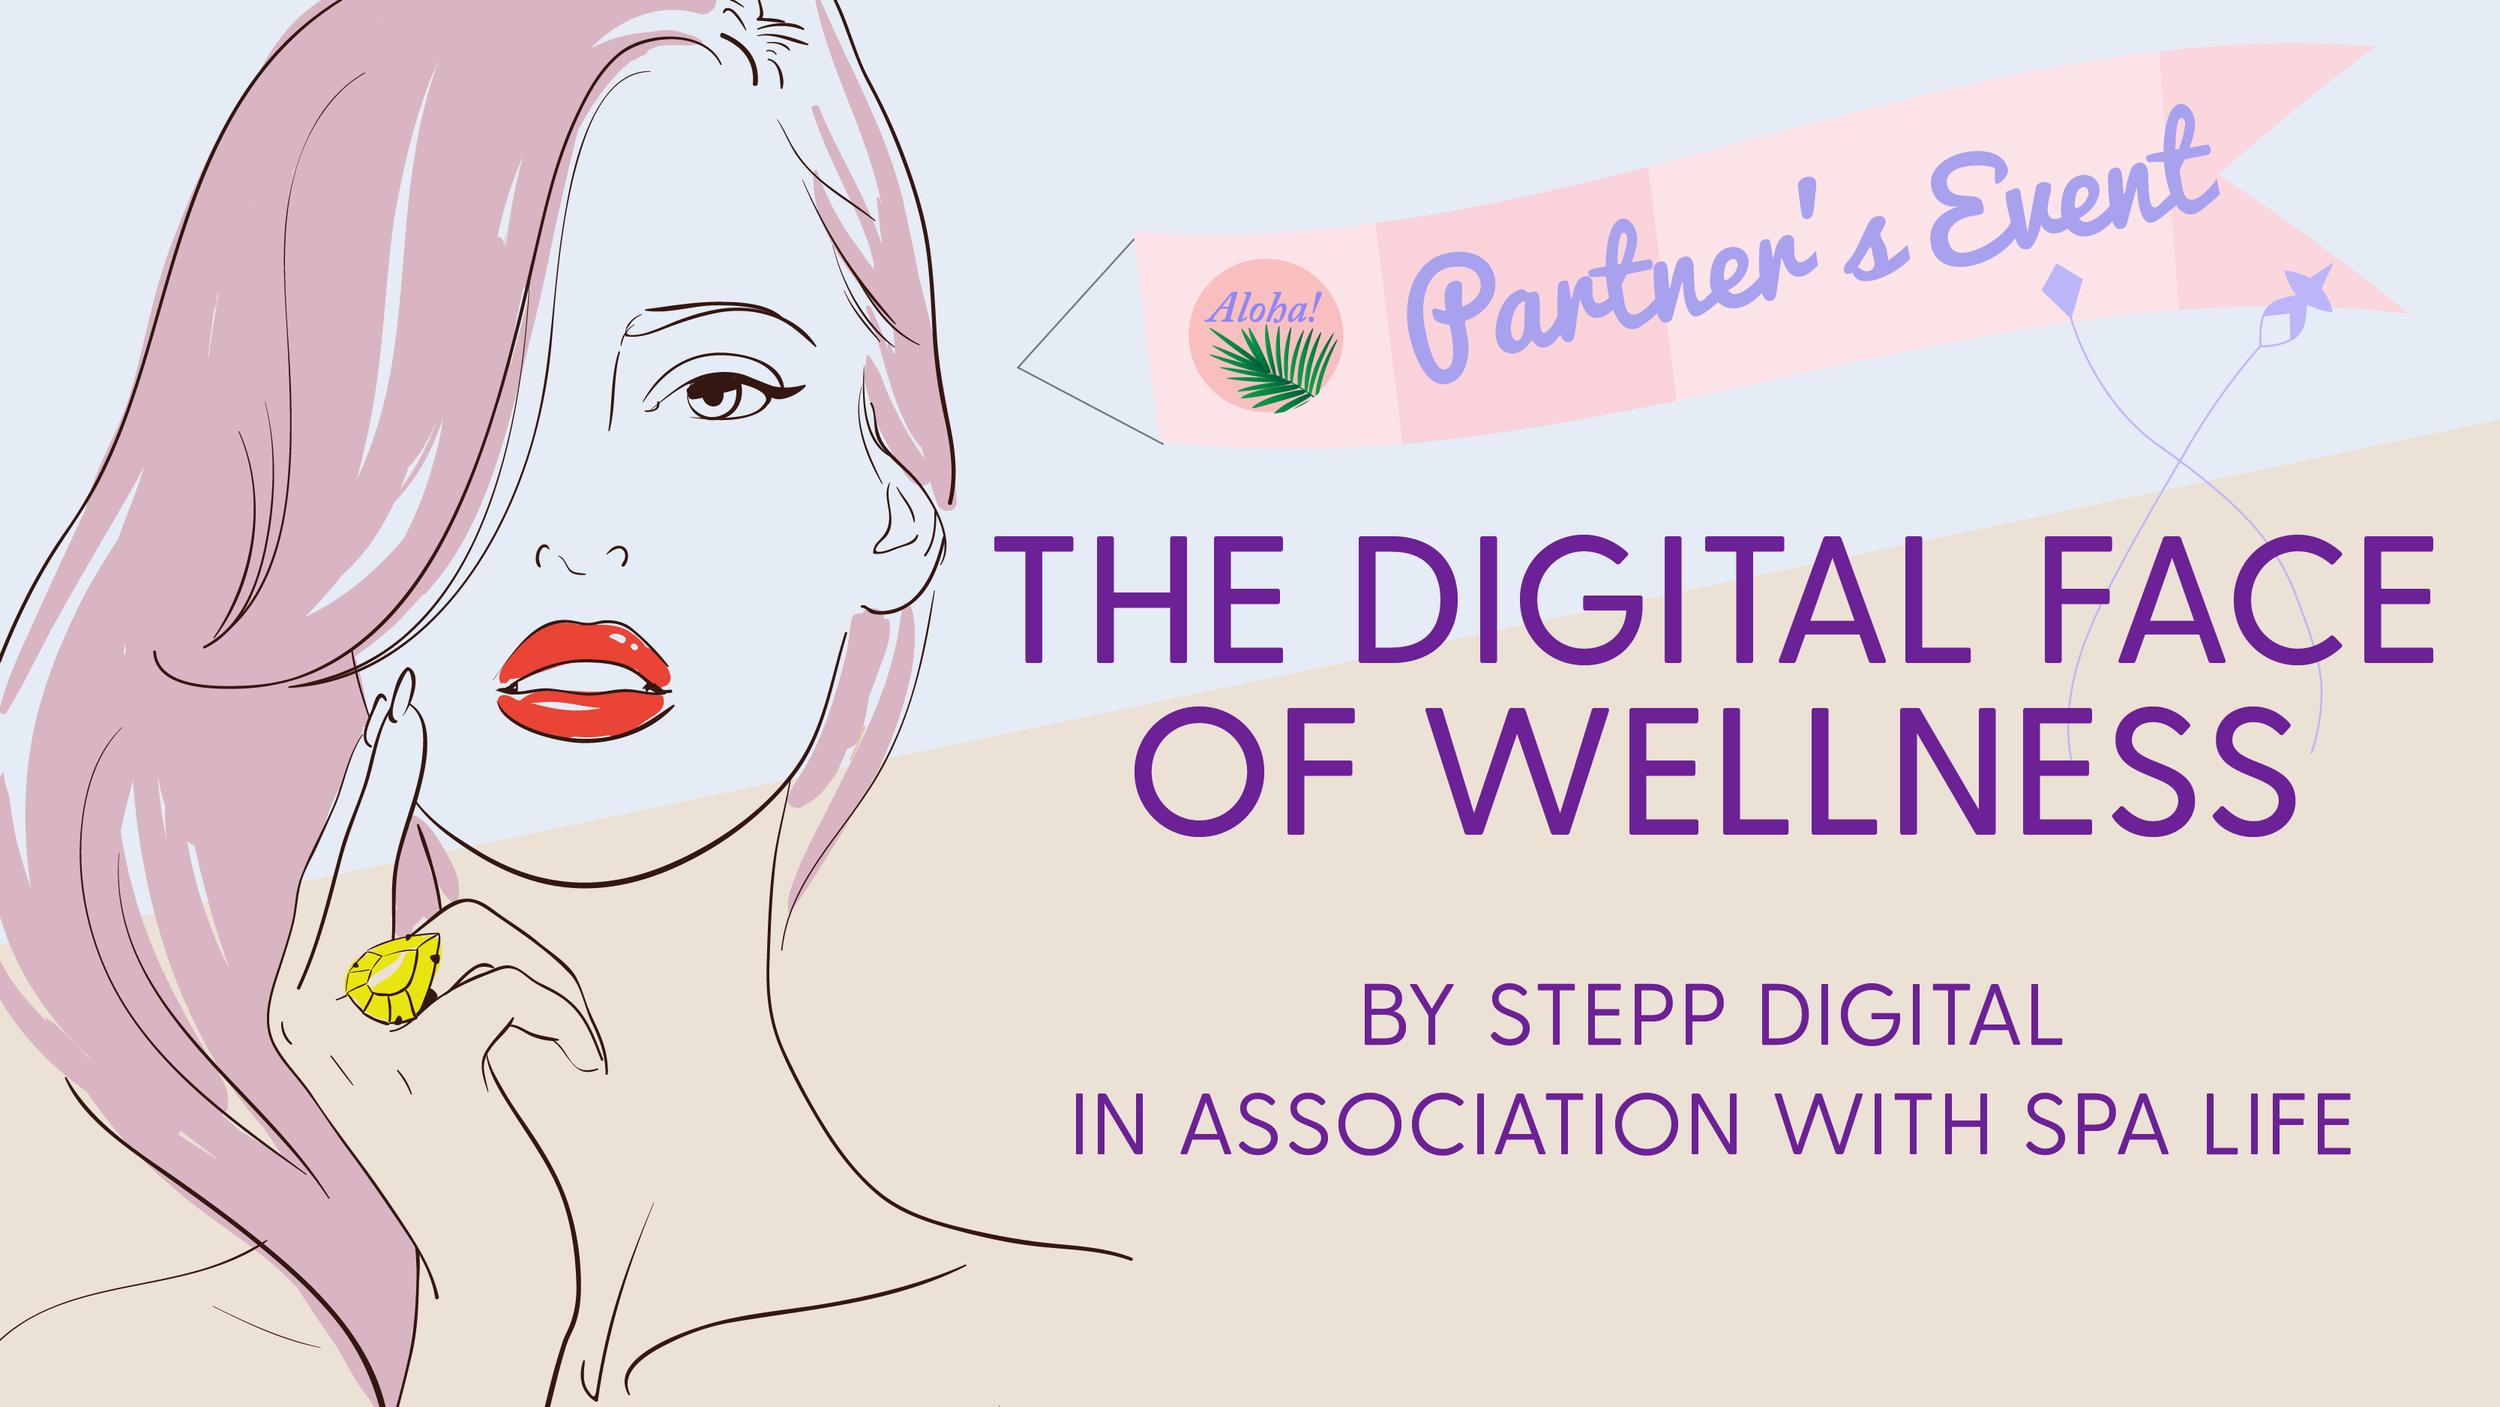 digital-face-wellness-glue-2.png